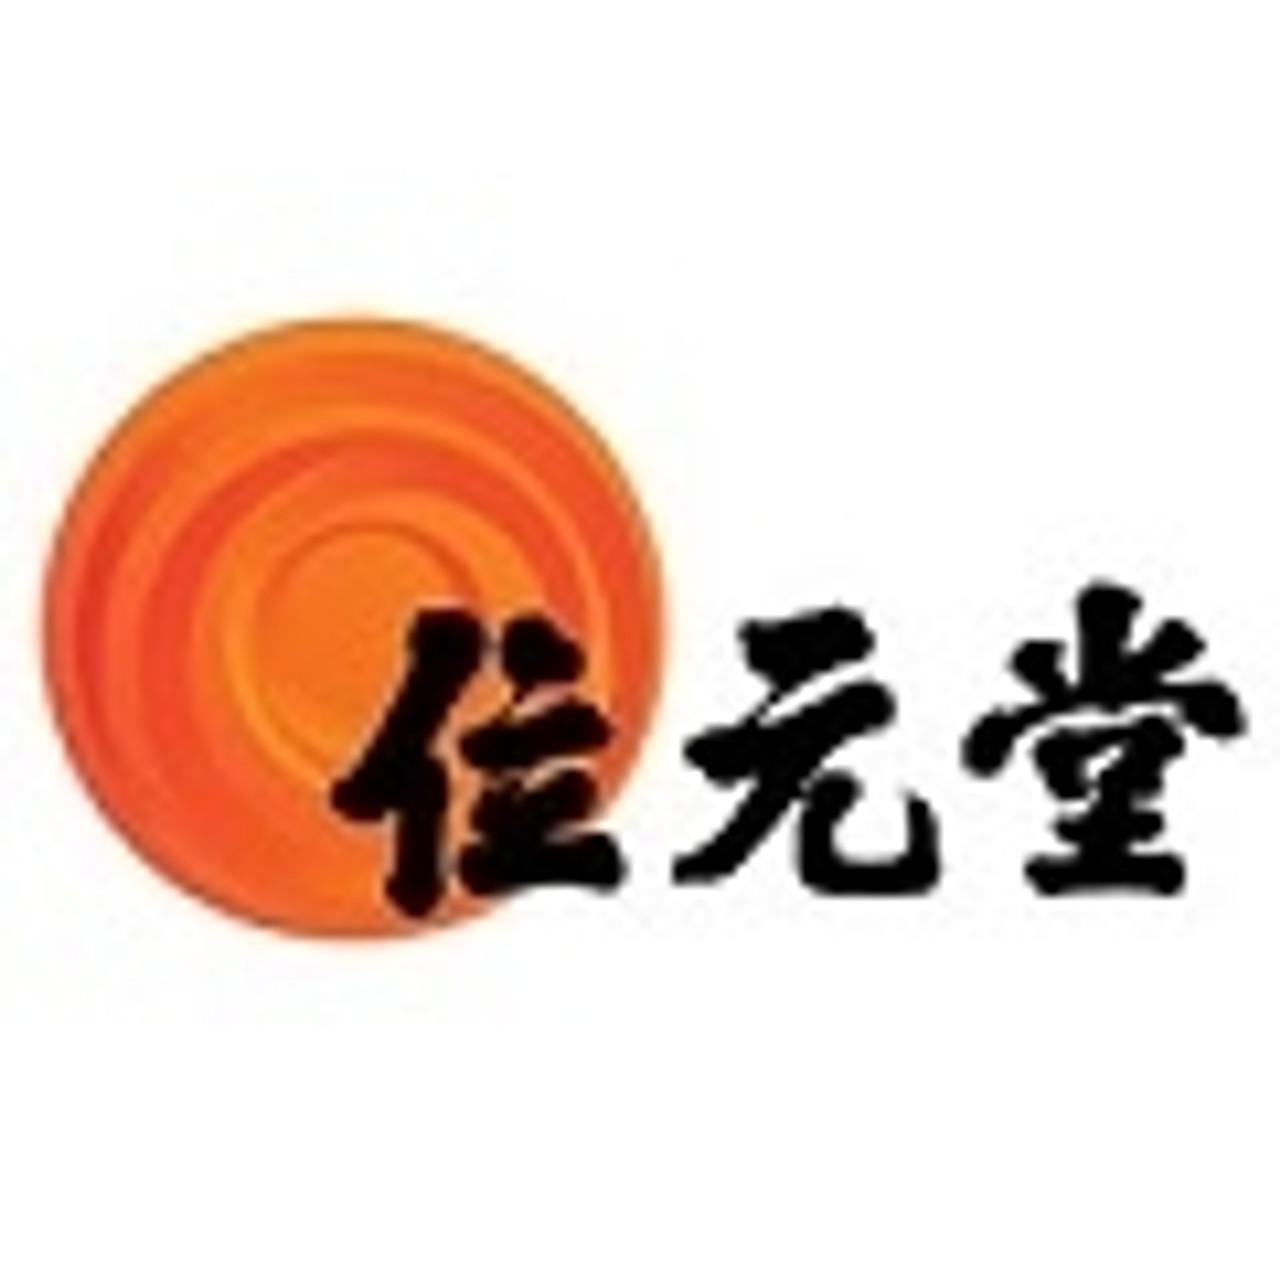 Wai Yuen Tong